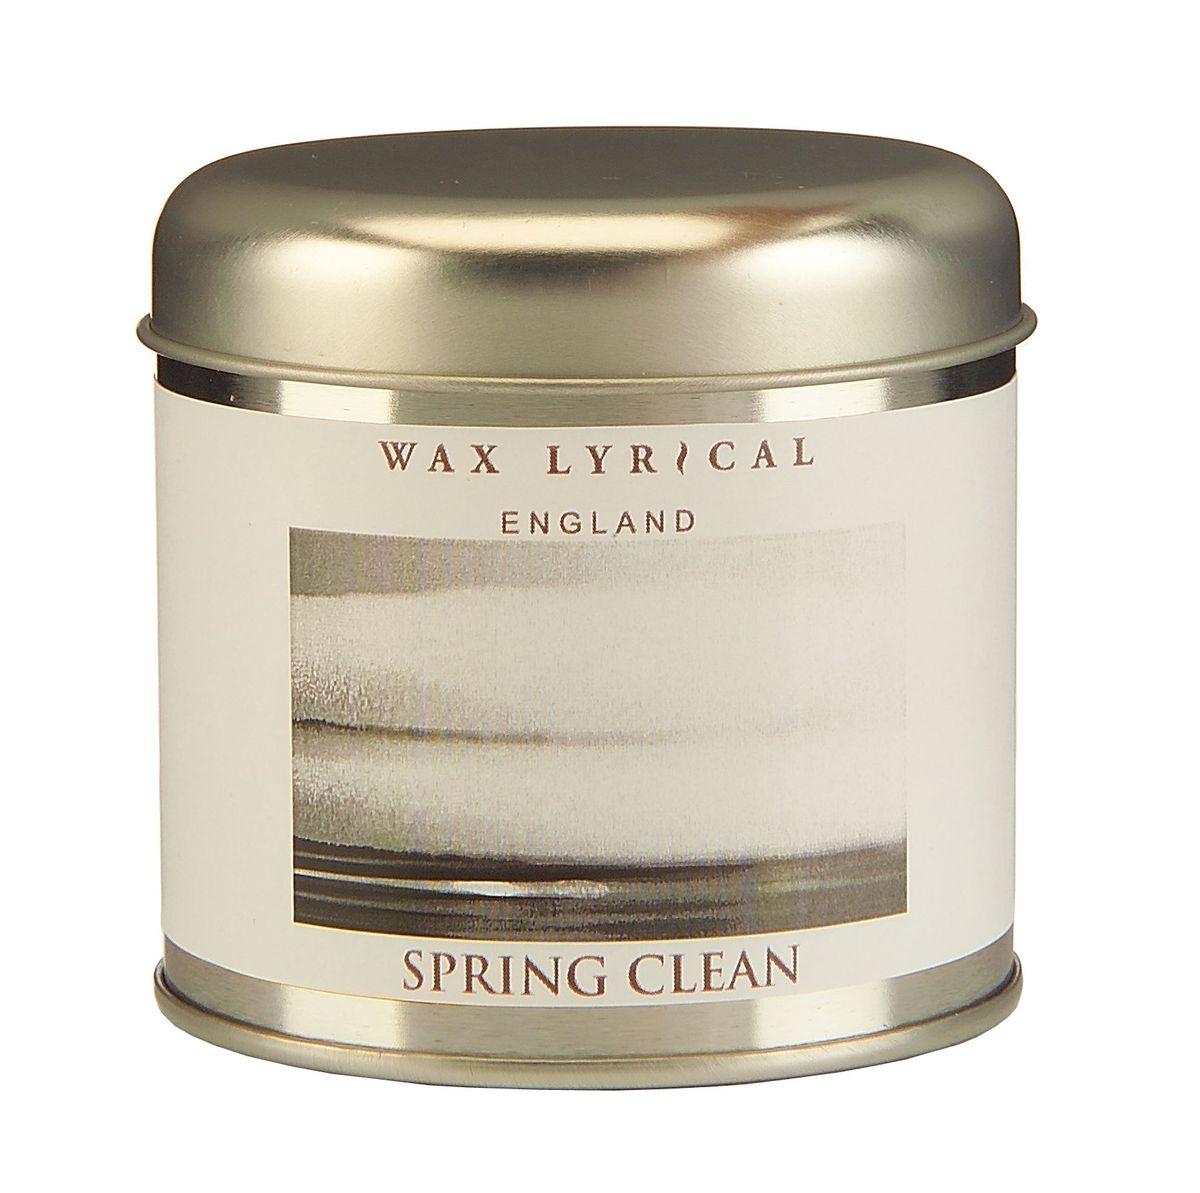 Свеча ароматизированная Wax Lyrical Впечатления, весенняя свежесть, 230 гRG-D31SСвеча ароматизированная Wax Lyrical Впечатления имеет впечатляющий аромат свежего ветра в чистом доме.Время горения: 35 часов.